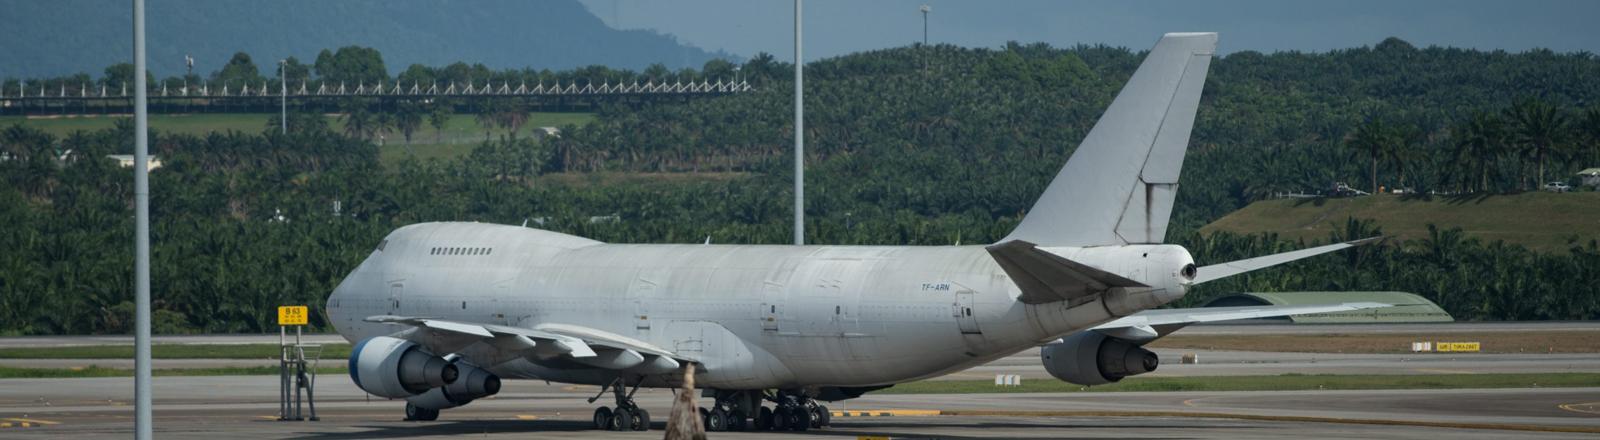 Eine der drei herrenlosen Boeing 747 am Flughafen in Kuala Lumpur.